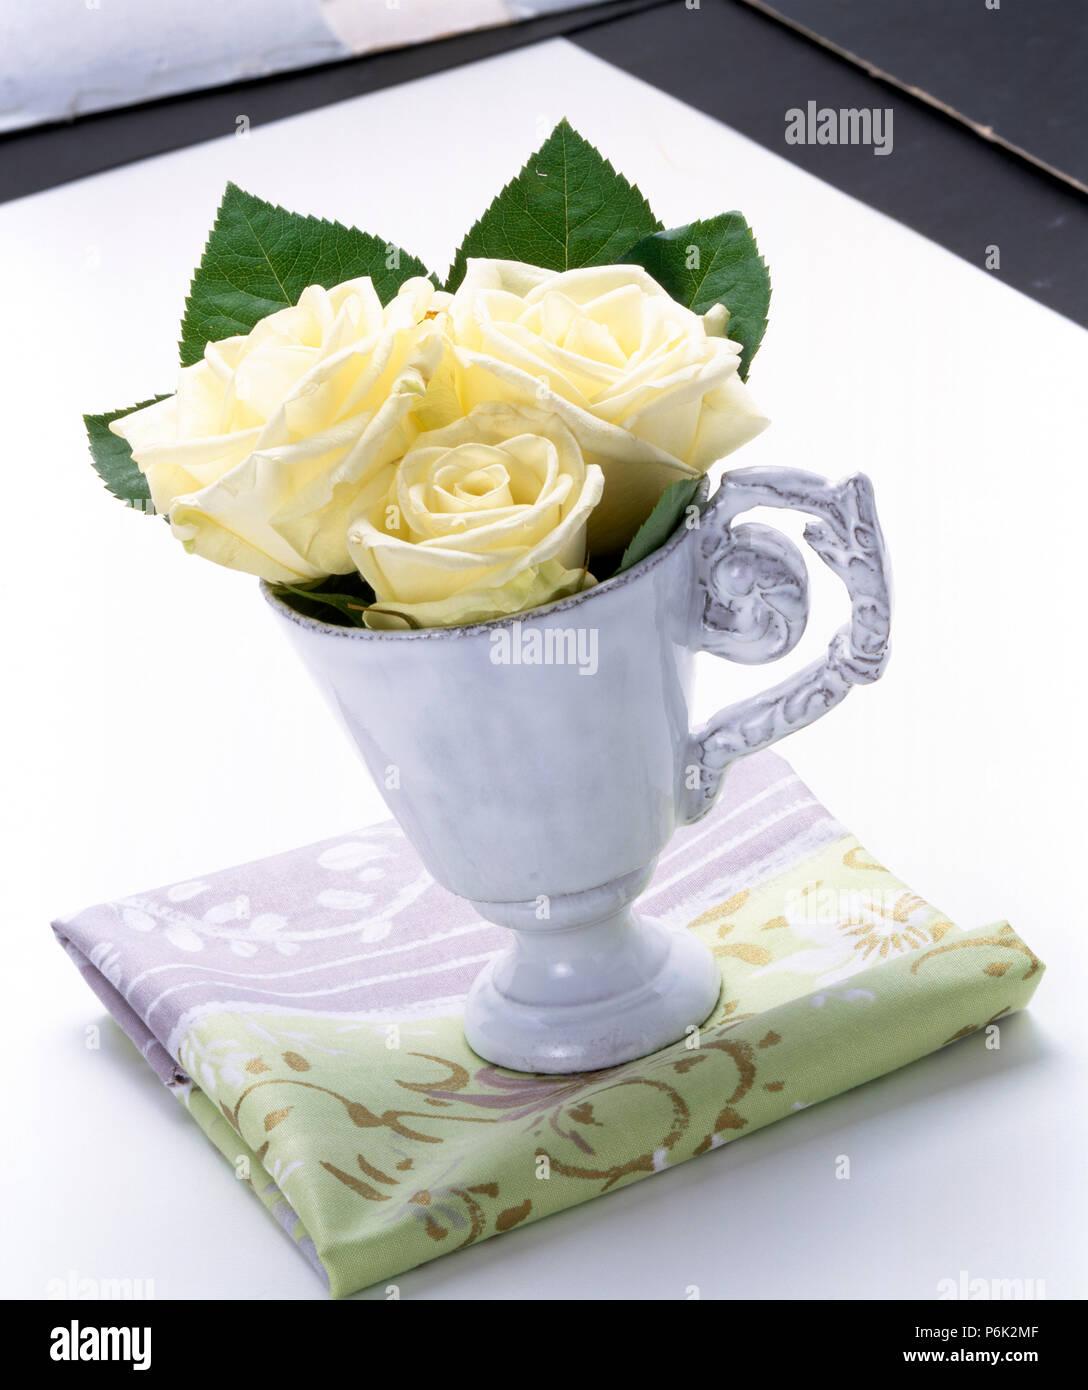 Still Leben Der Weißen Rosen In China Becher Auf Der Wunderschön